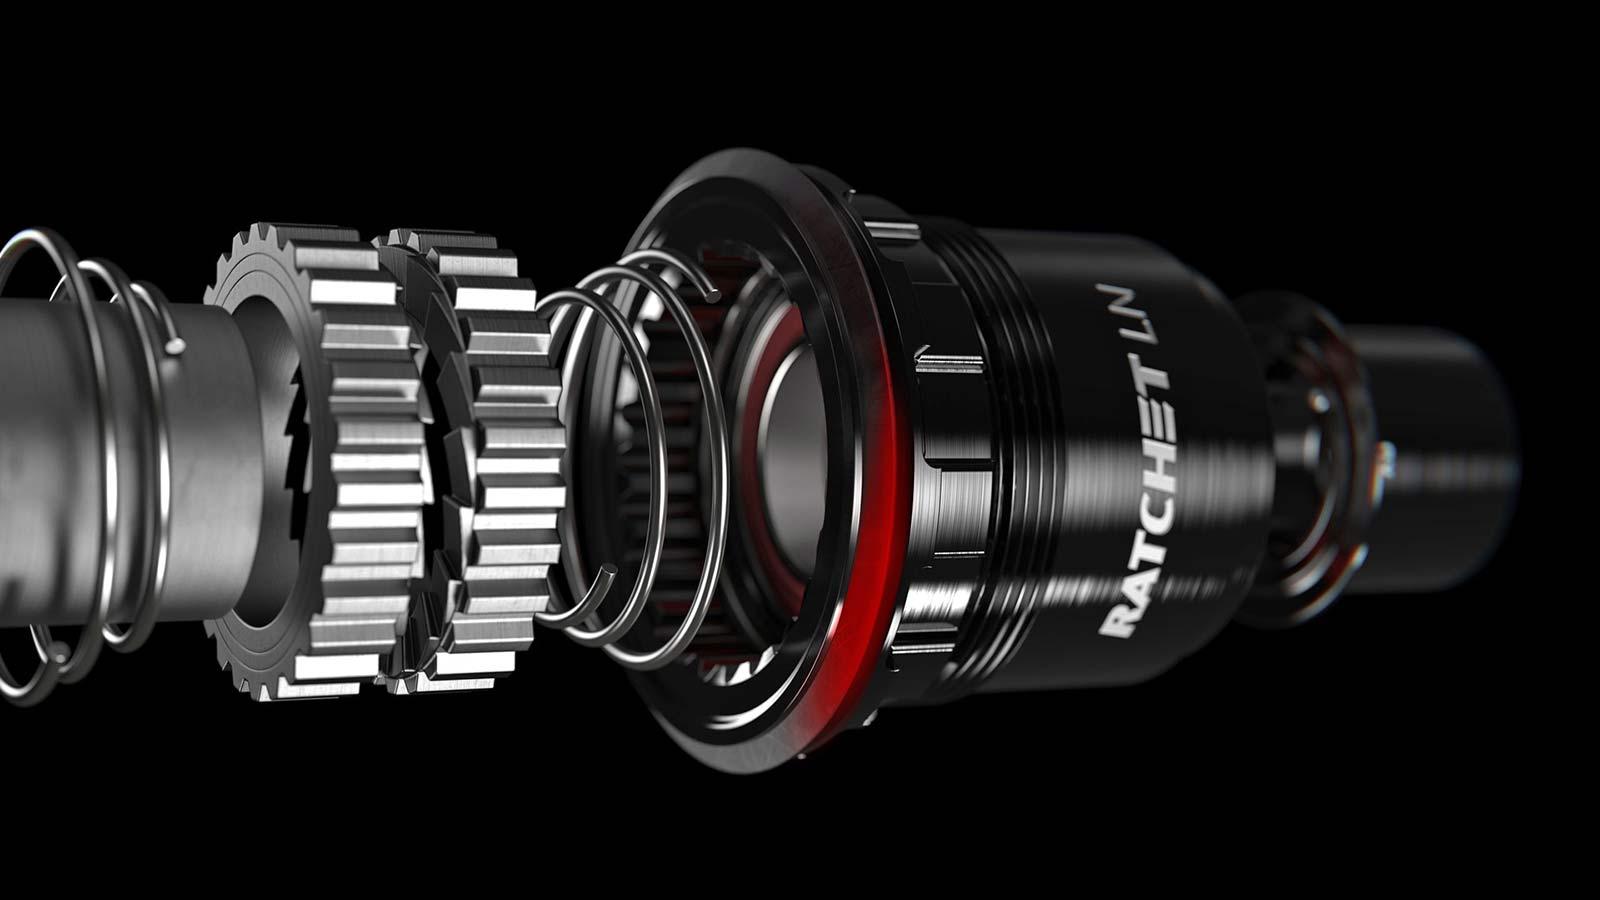 DT Swiss 1900 Spline MTB wheels upgrade to Ratchet LN upgrade